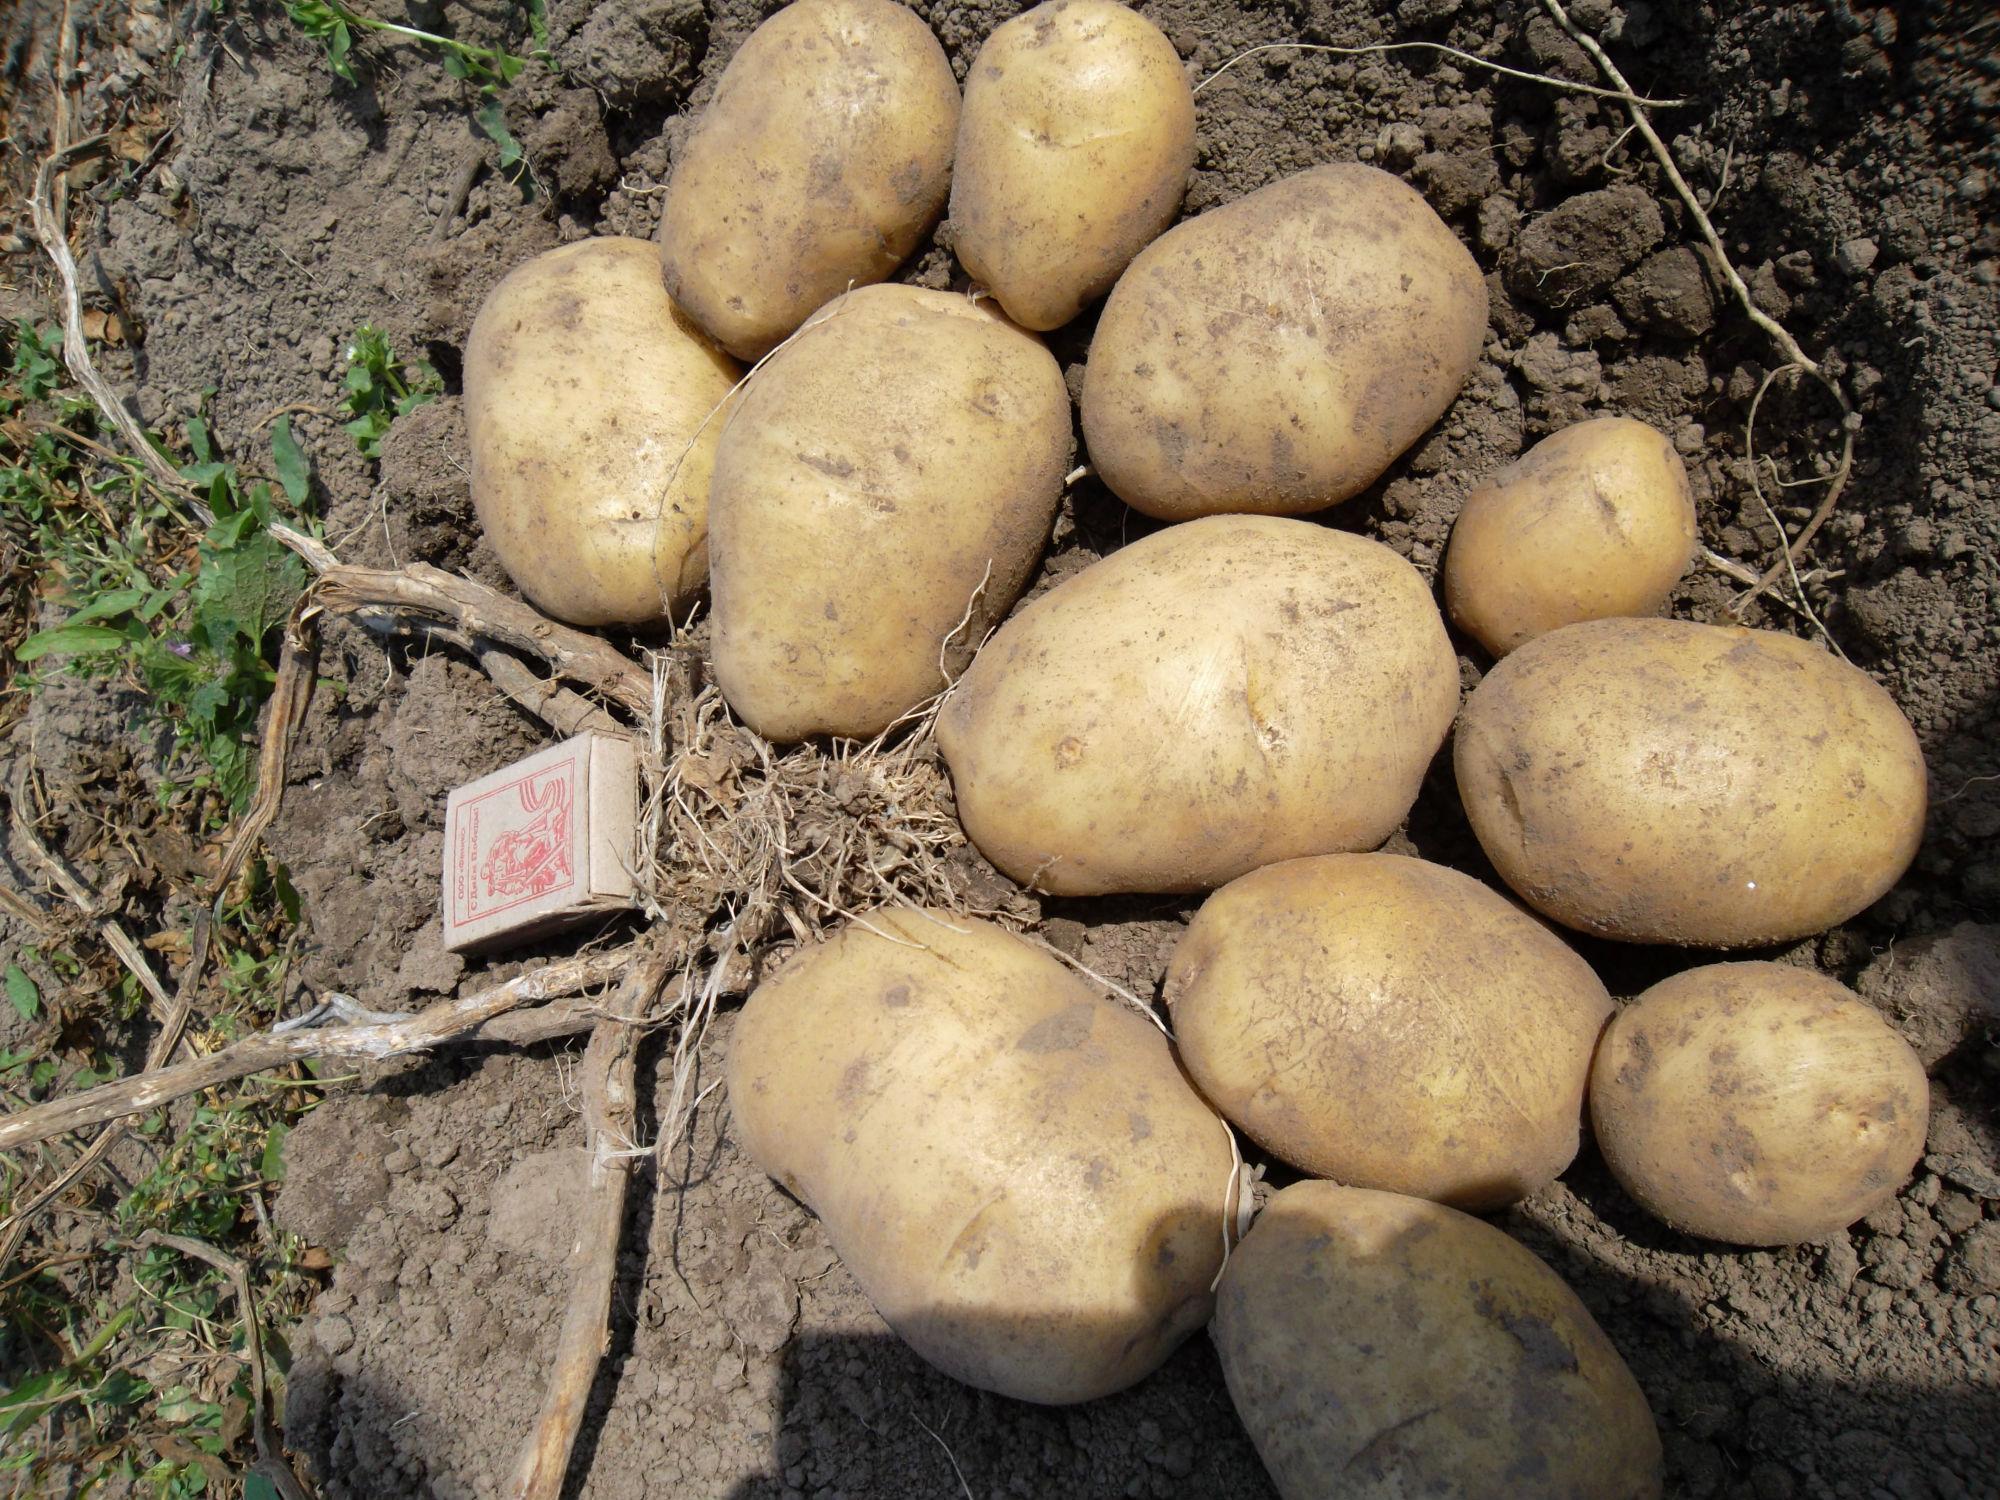 Картофель сорта Люкс отличается не только повышенной стойкостью к болезням, но и отличной урожайностью